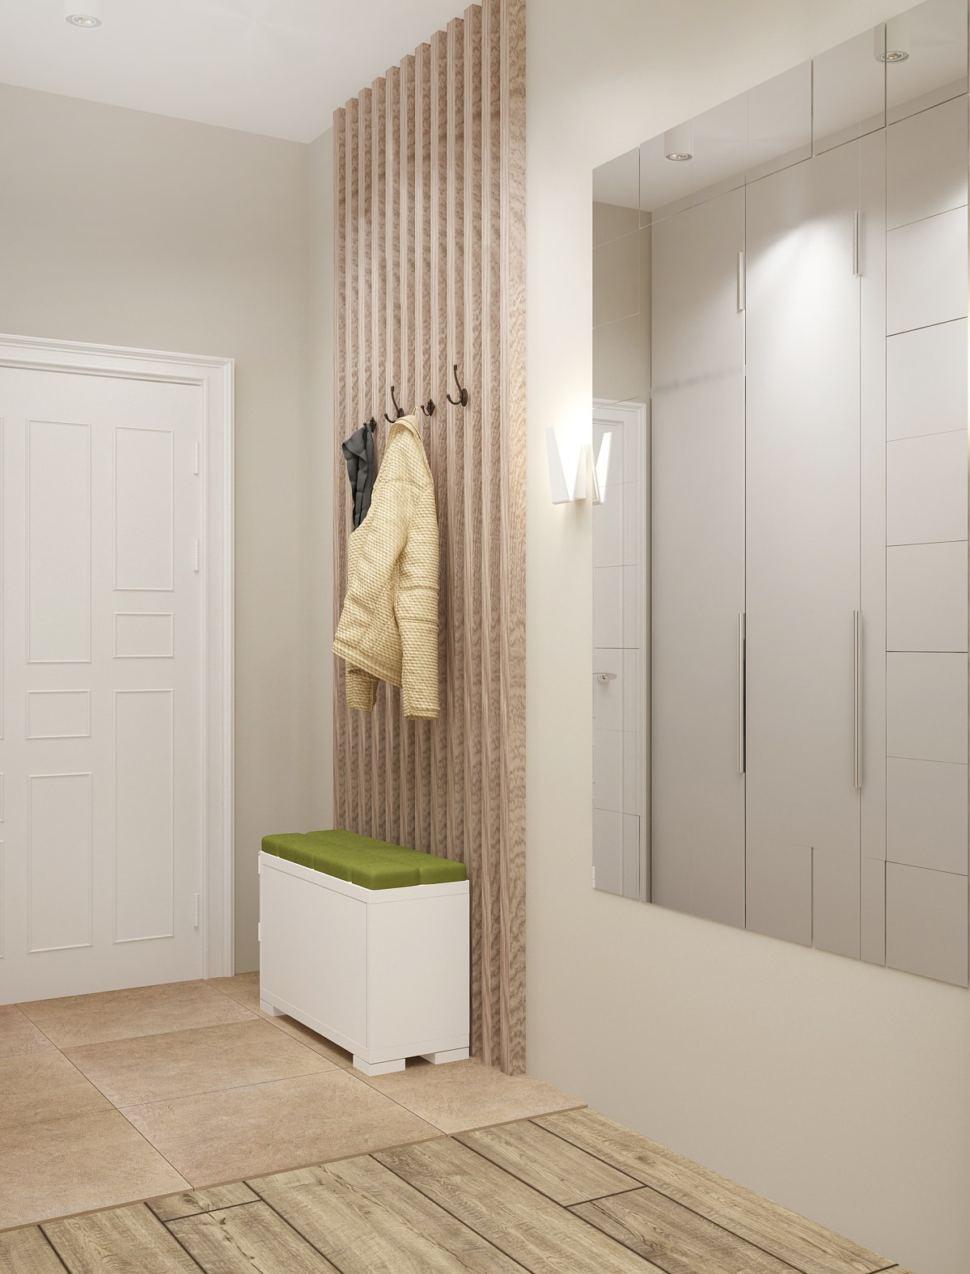 Дизайн прихожей 7 кв.м в белых тонах, белая скамья, зеркало, вешалка, деревянные бруски